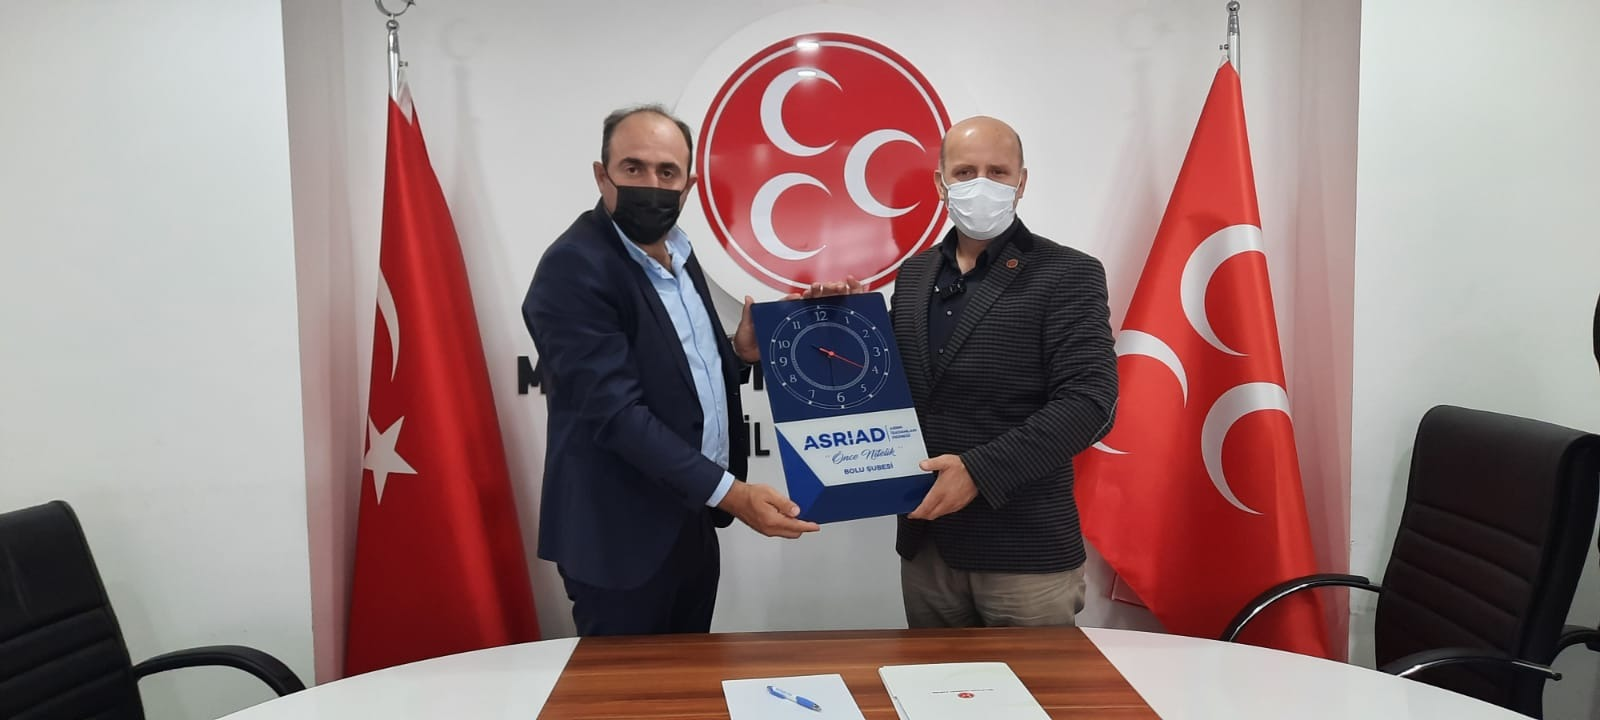 ASRIN İŞ ADAMLARI DERNEĞİNDEN MHP'YE ZİYARET